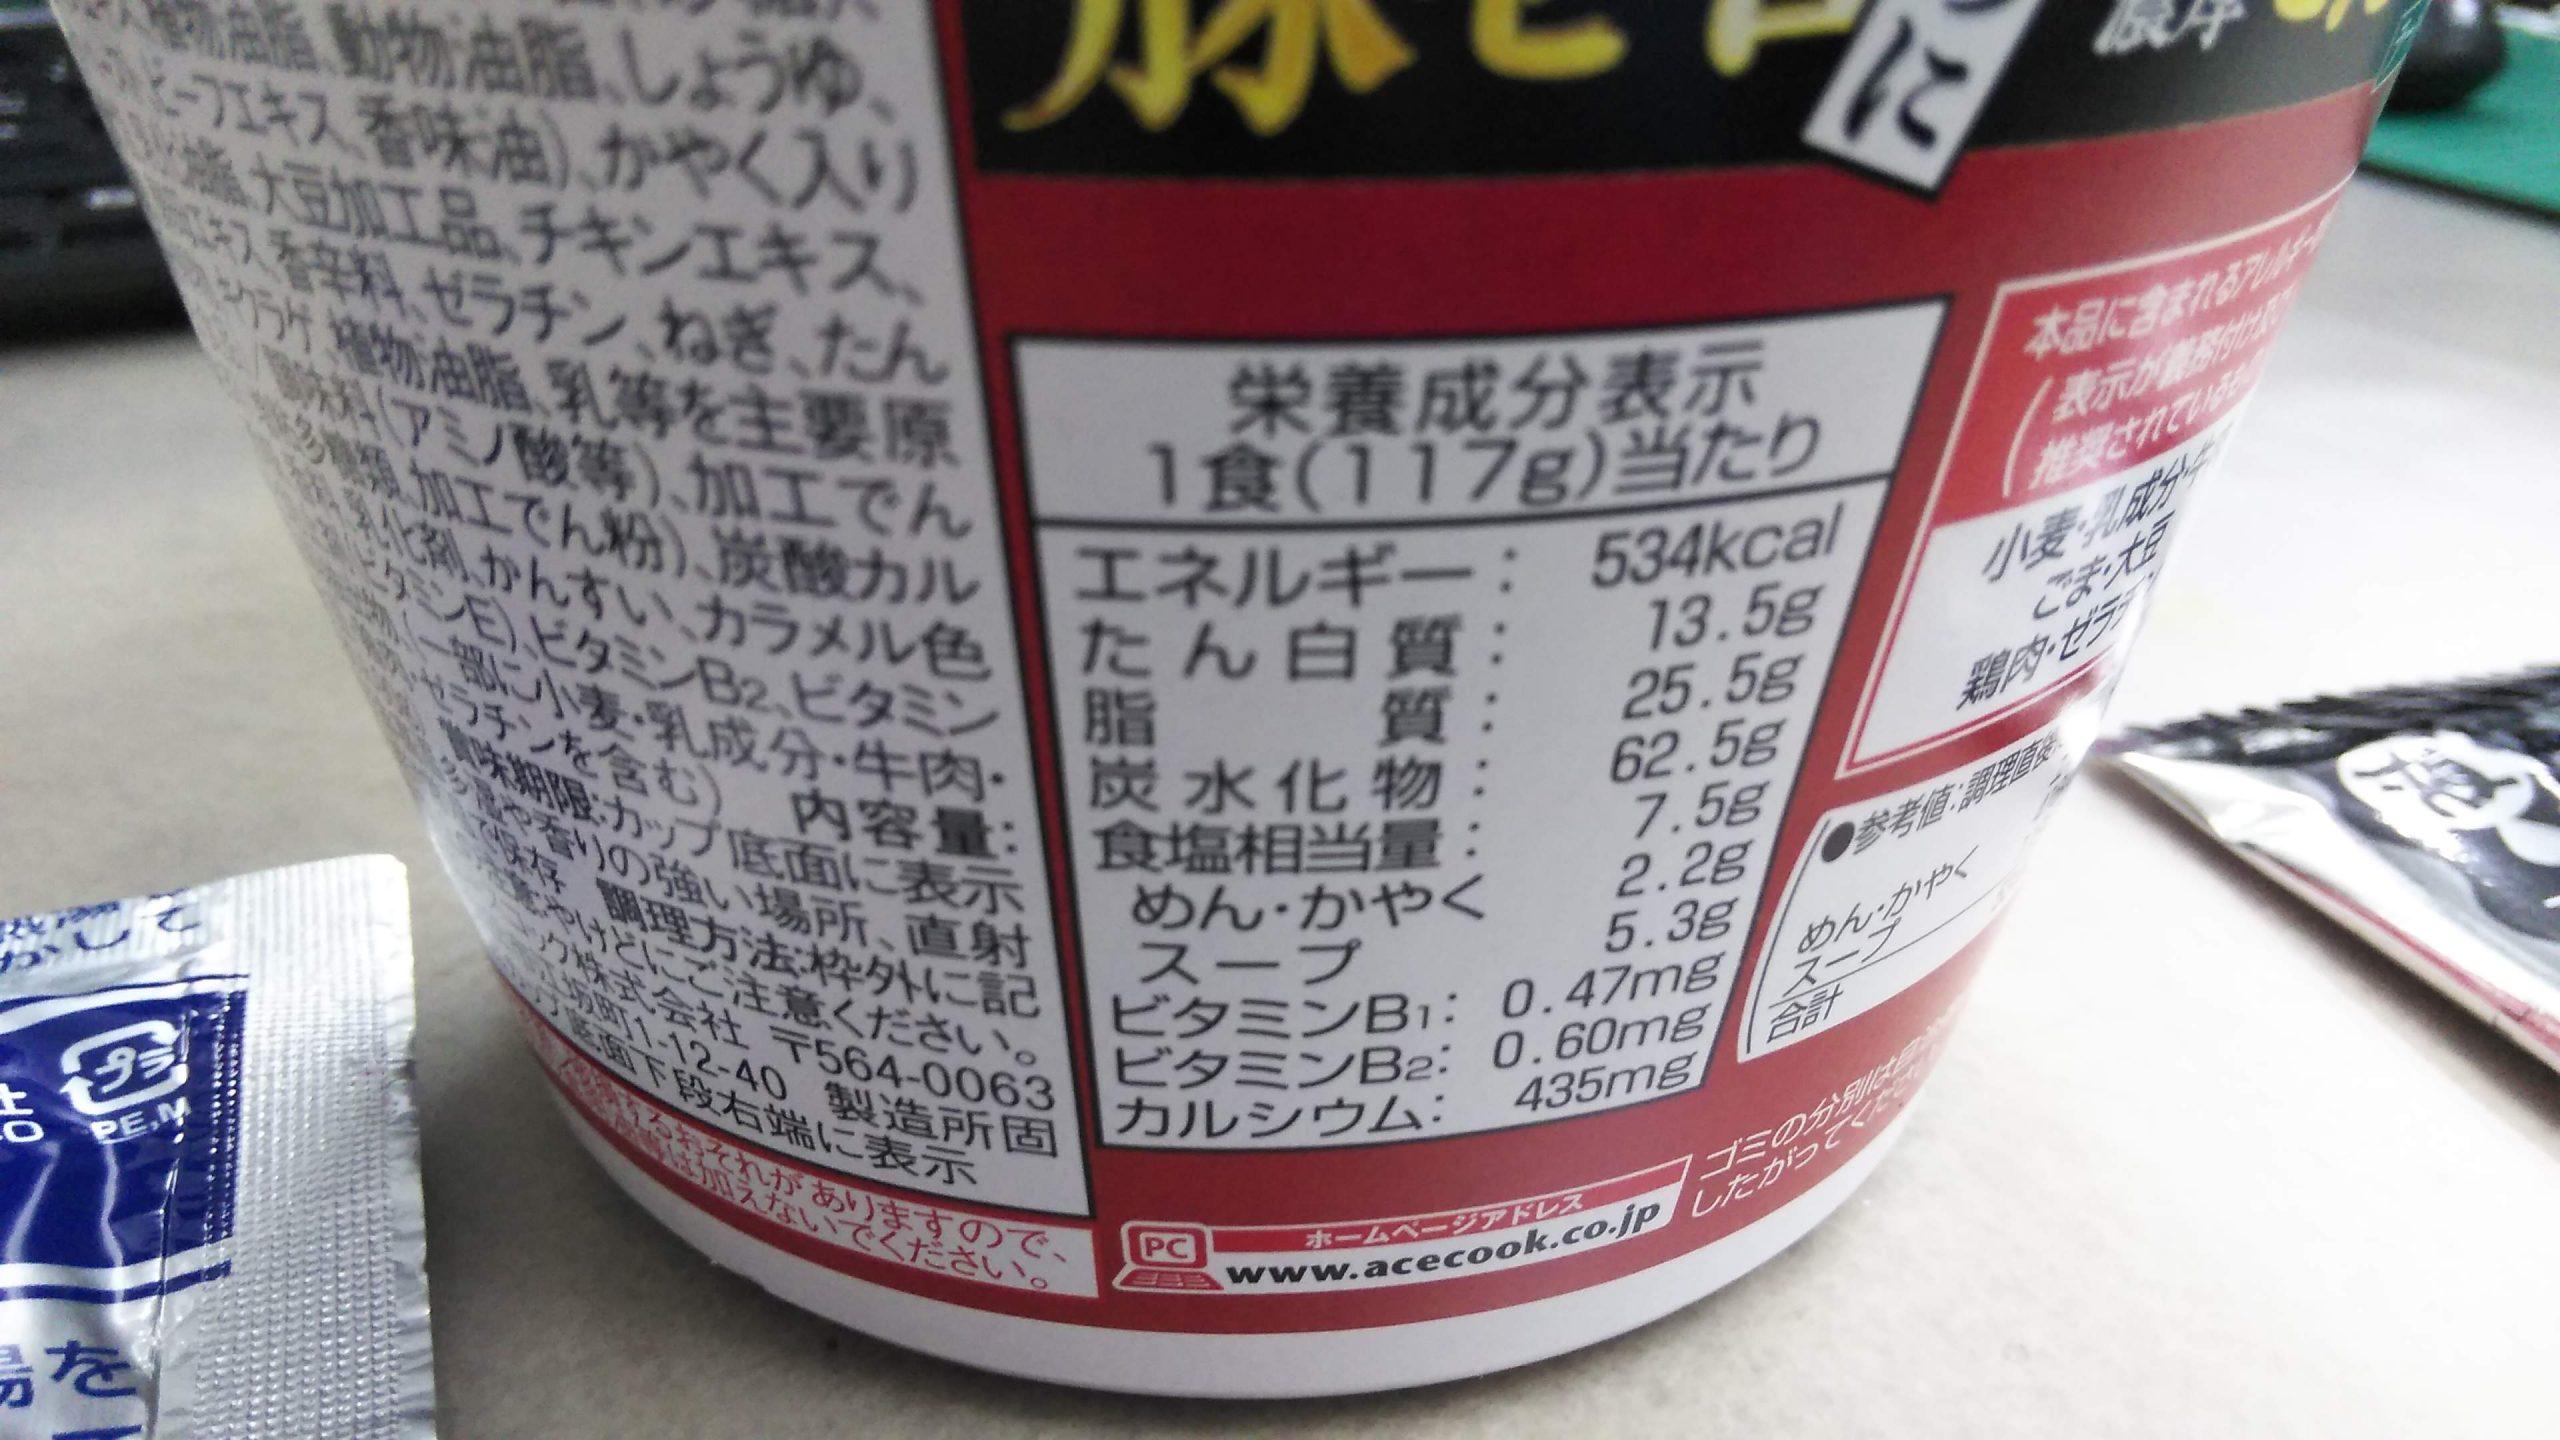 スーパーカップ1.5倍 ポークゼロ こってり濃厚とんこつ味ラーメン